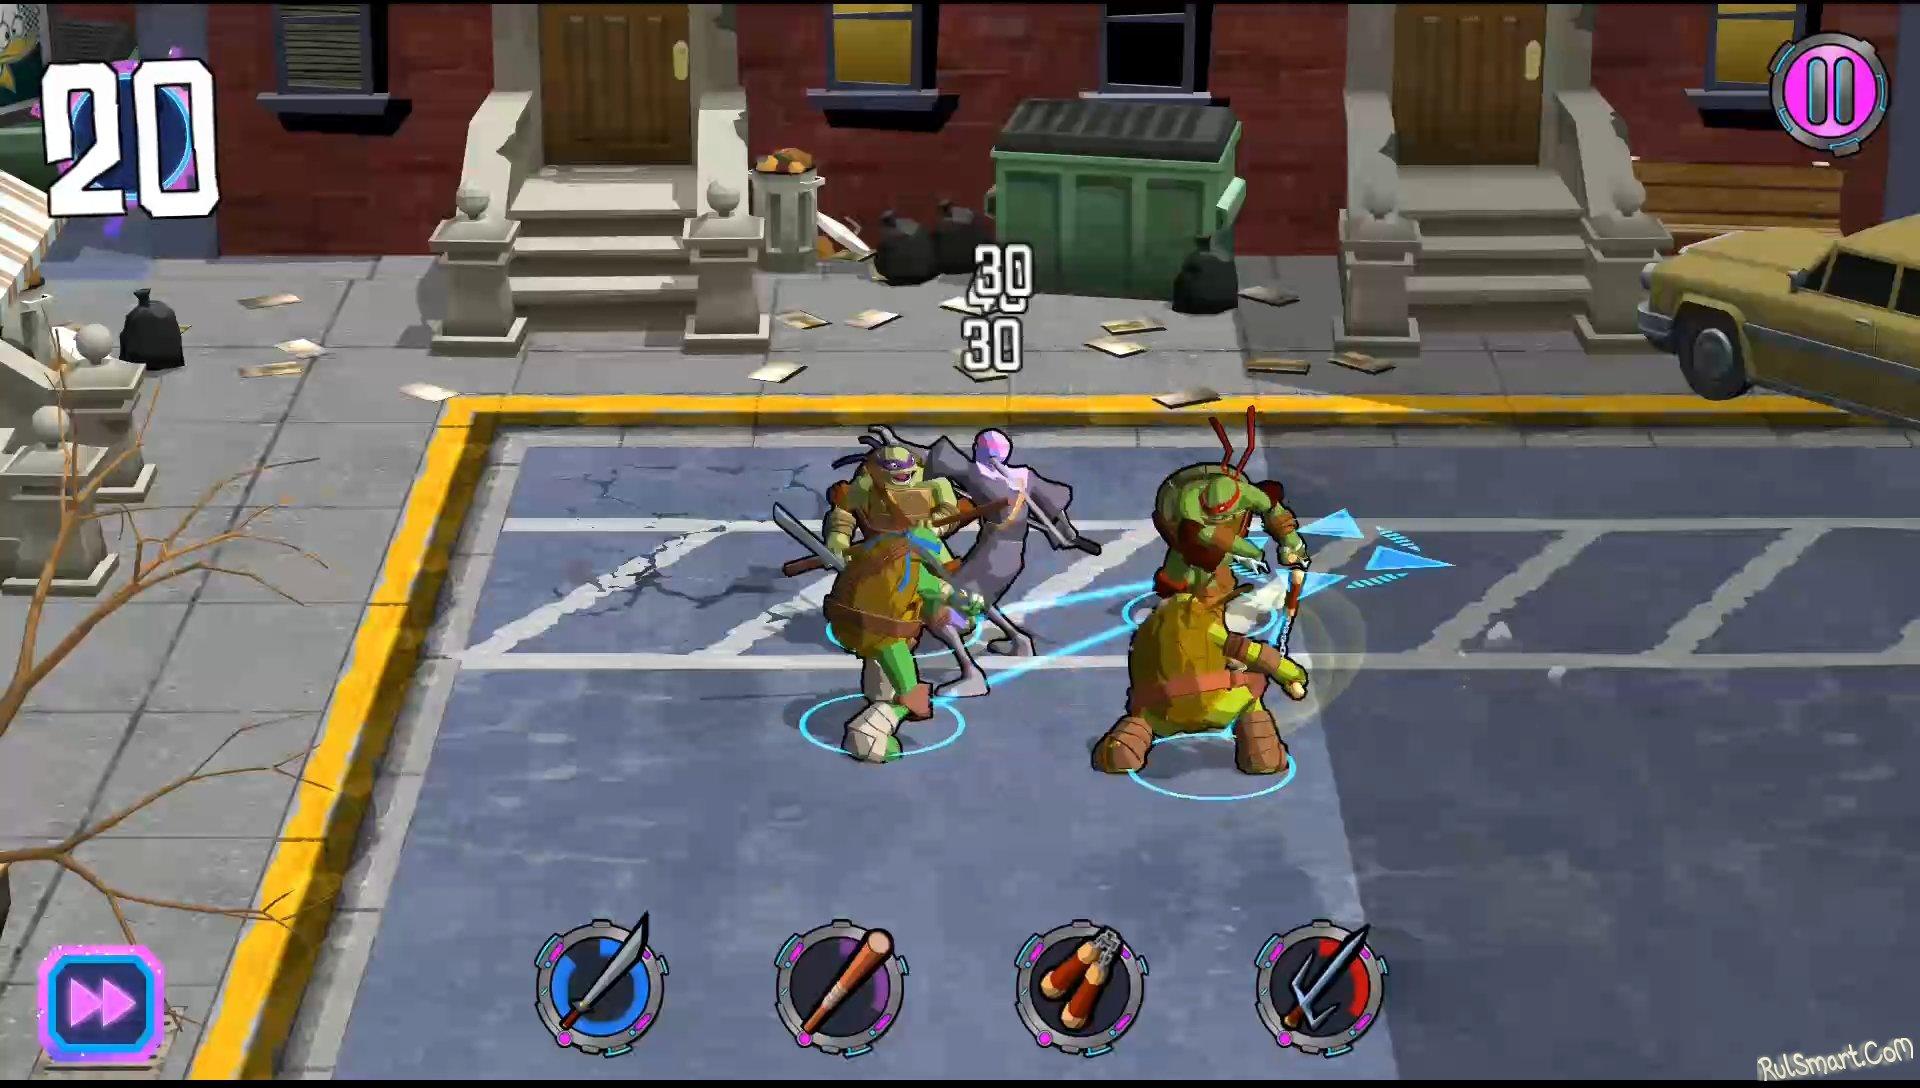 игру battlefield 4 на андроид